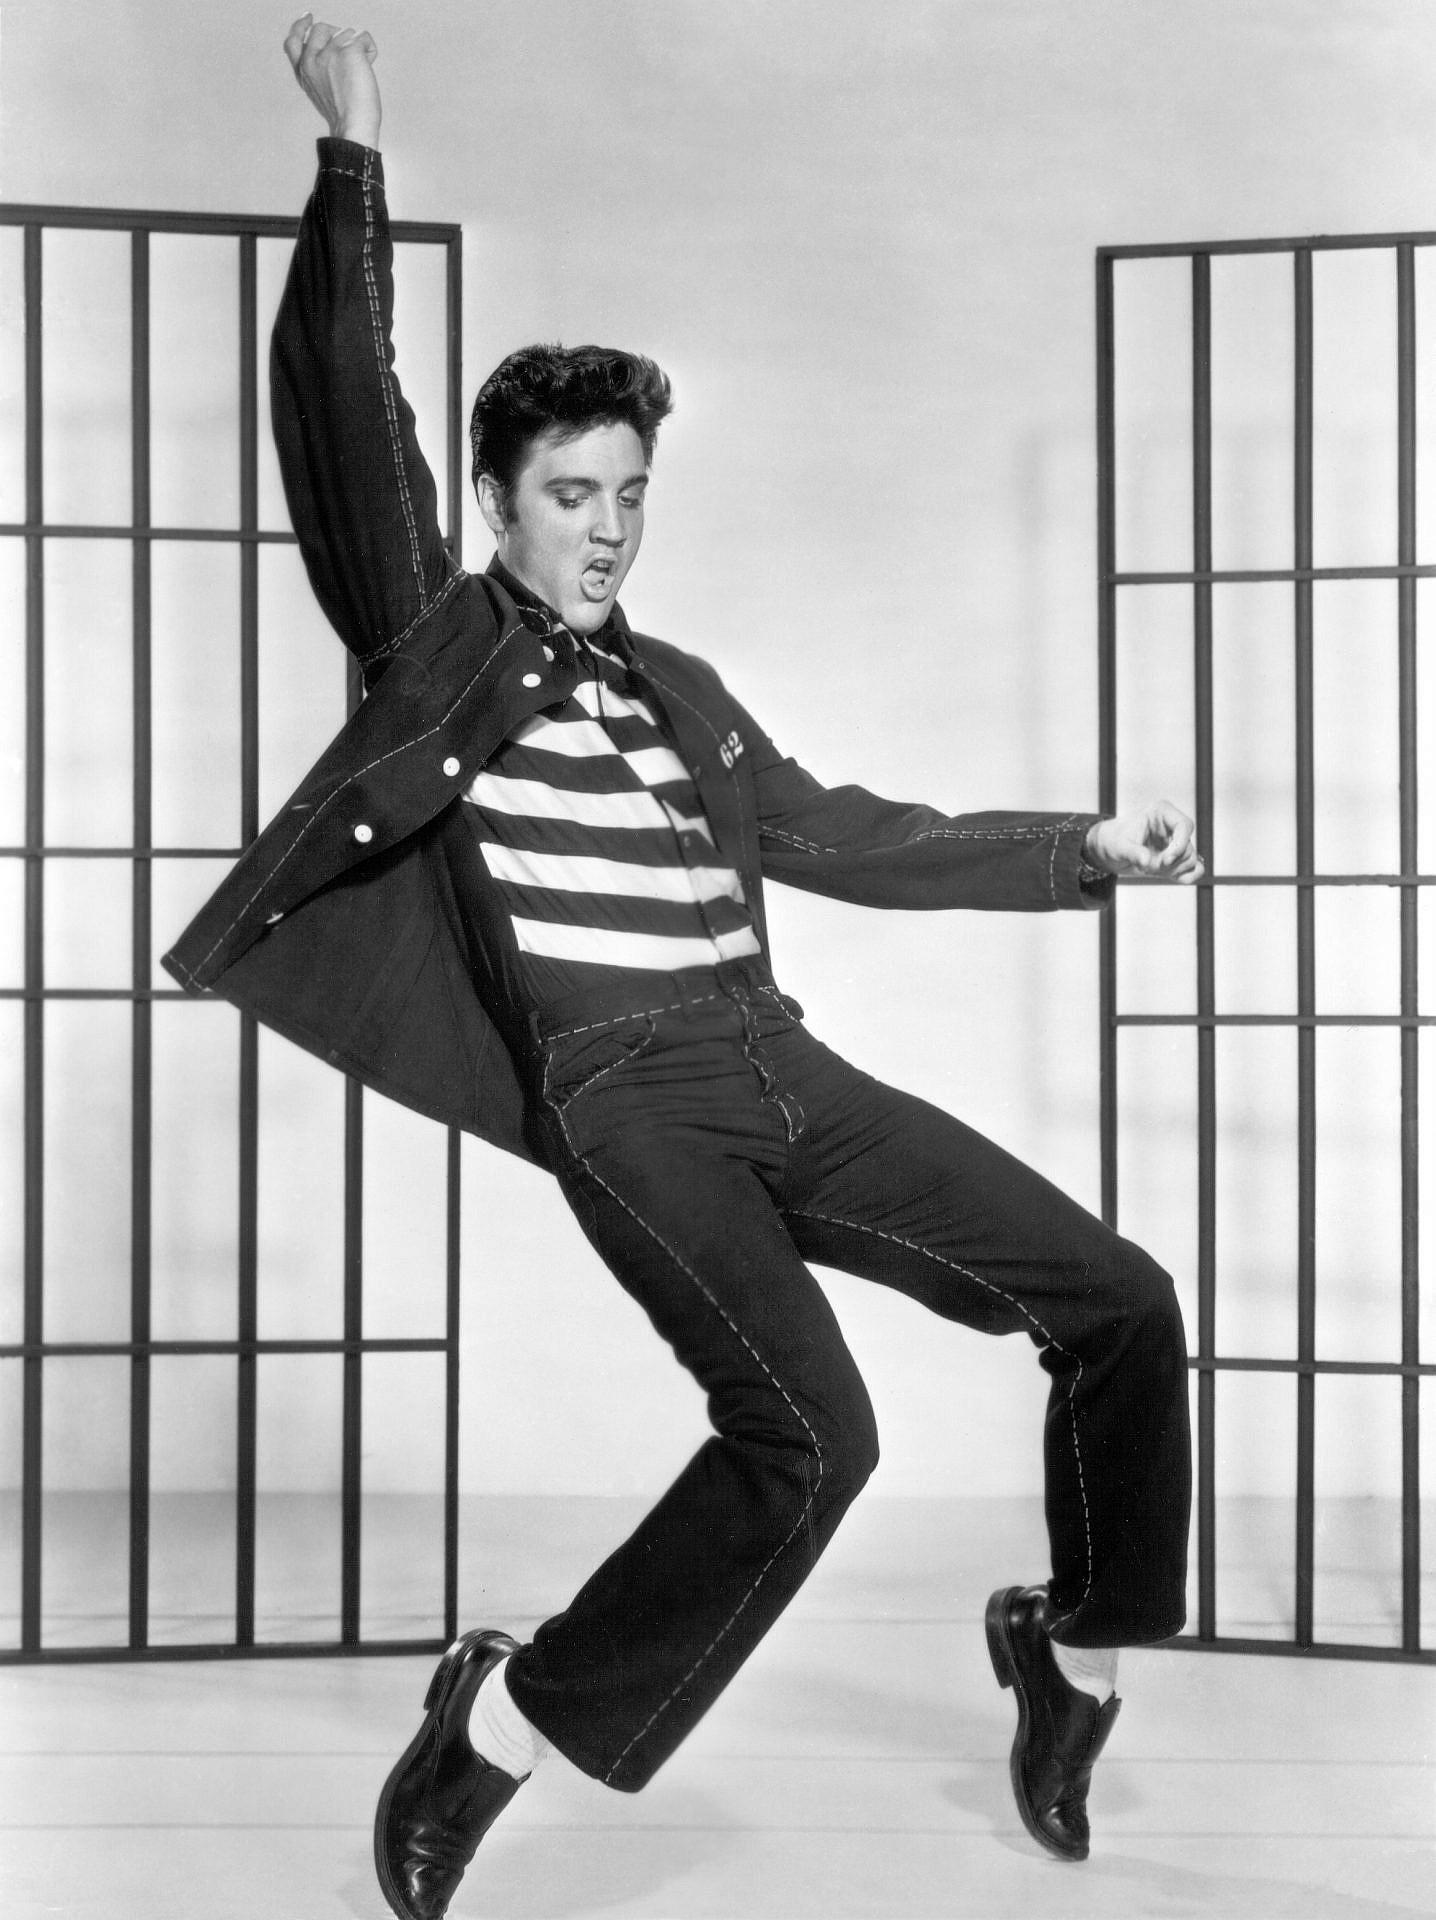 מעריץ מספר 1 של גרביים לבנים עוד ב-1957: אלביס פרסלי. צילום: GettyImsges